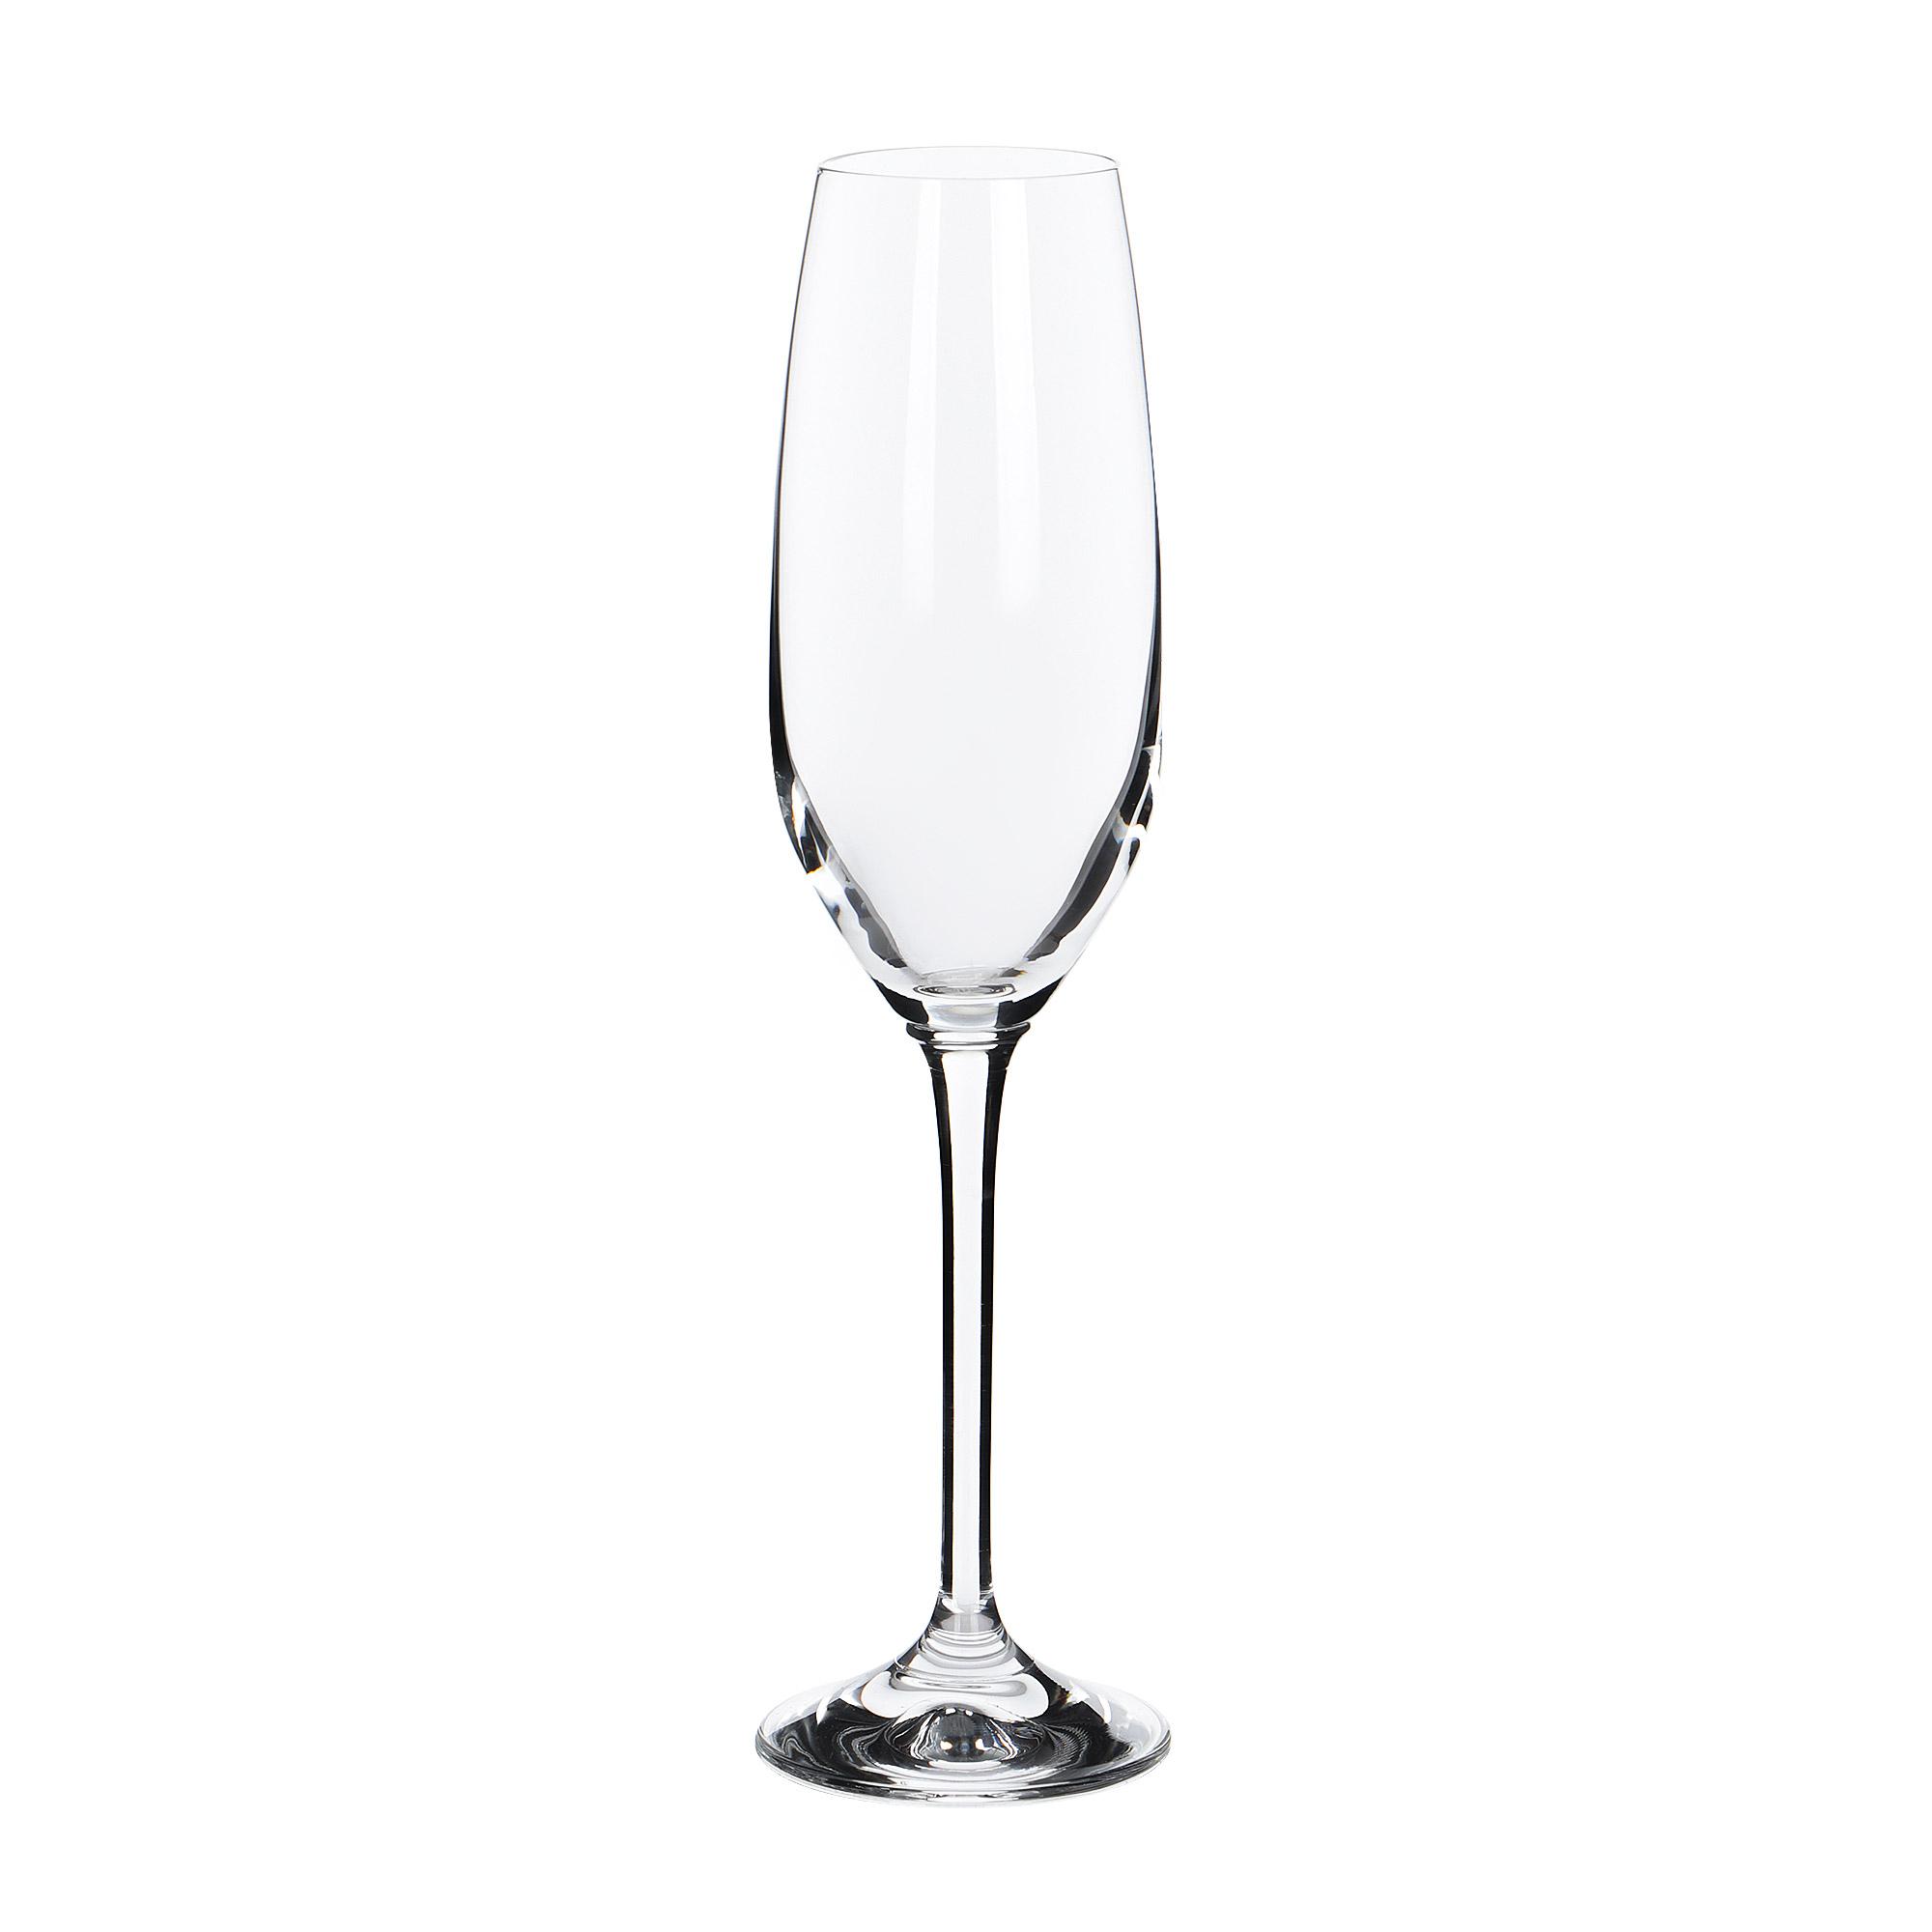 Фото - Набор бокалов для шампанского Rona Yarra 205 мл 6 шт набор бокалов rona celebration 400 мл 6 шт